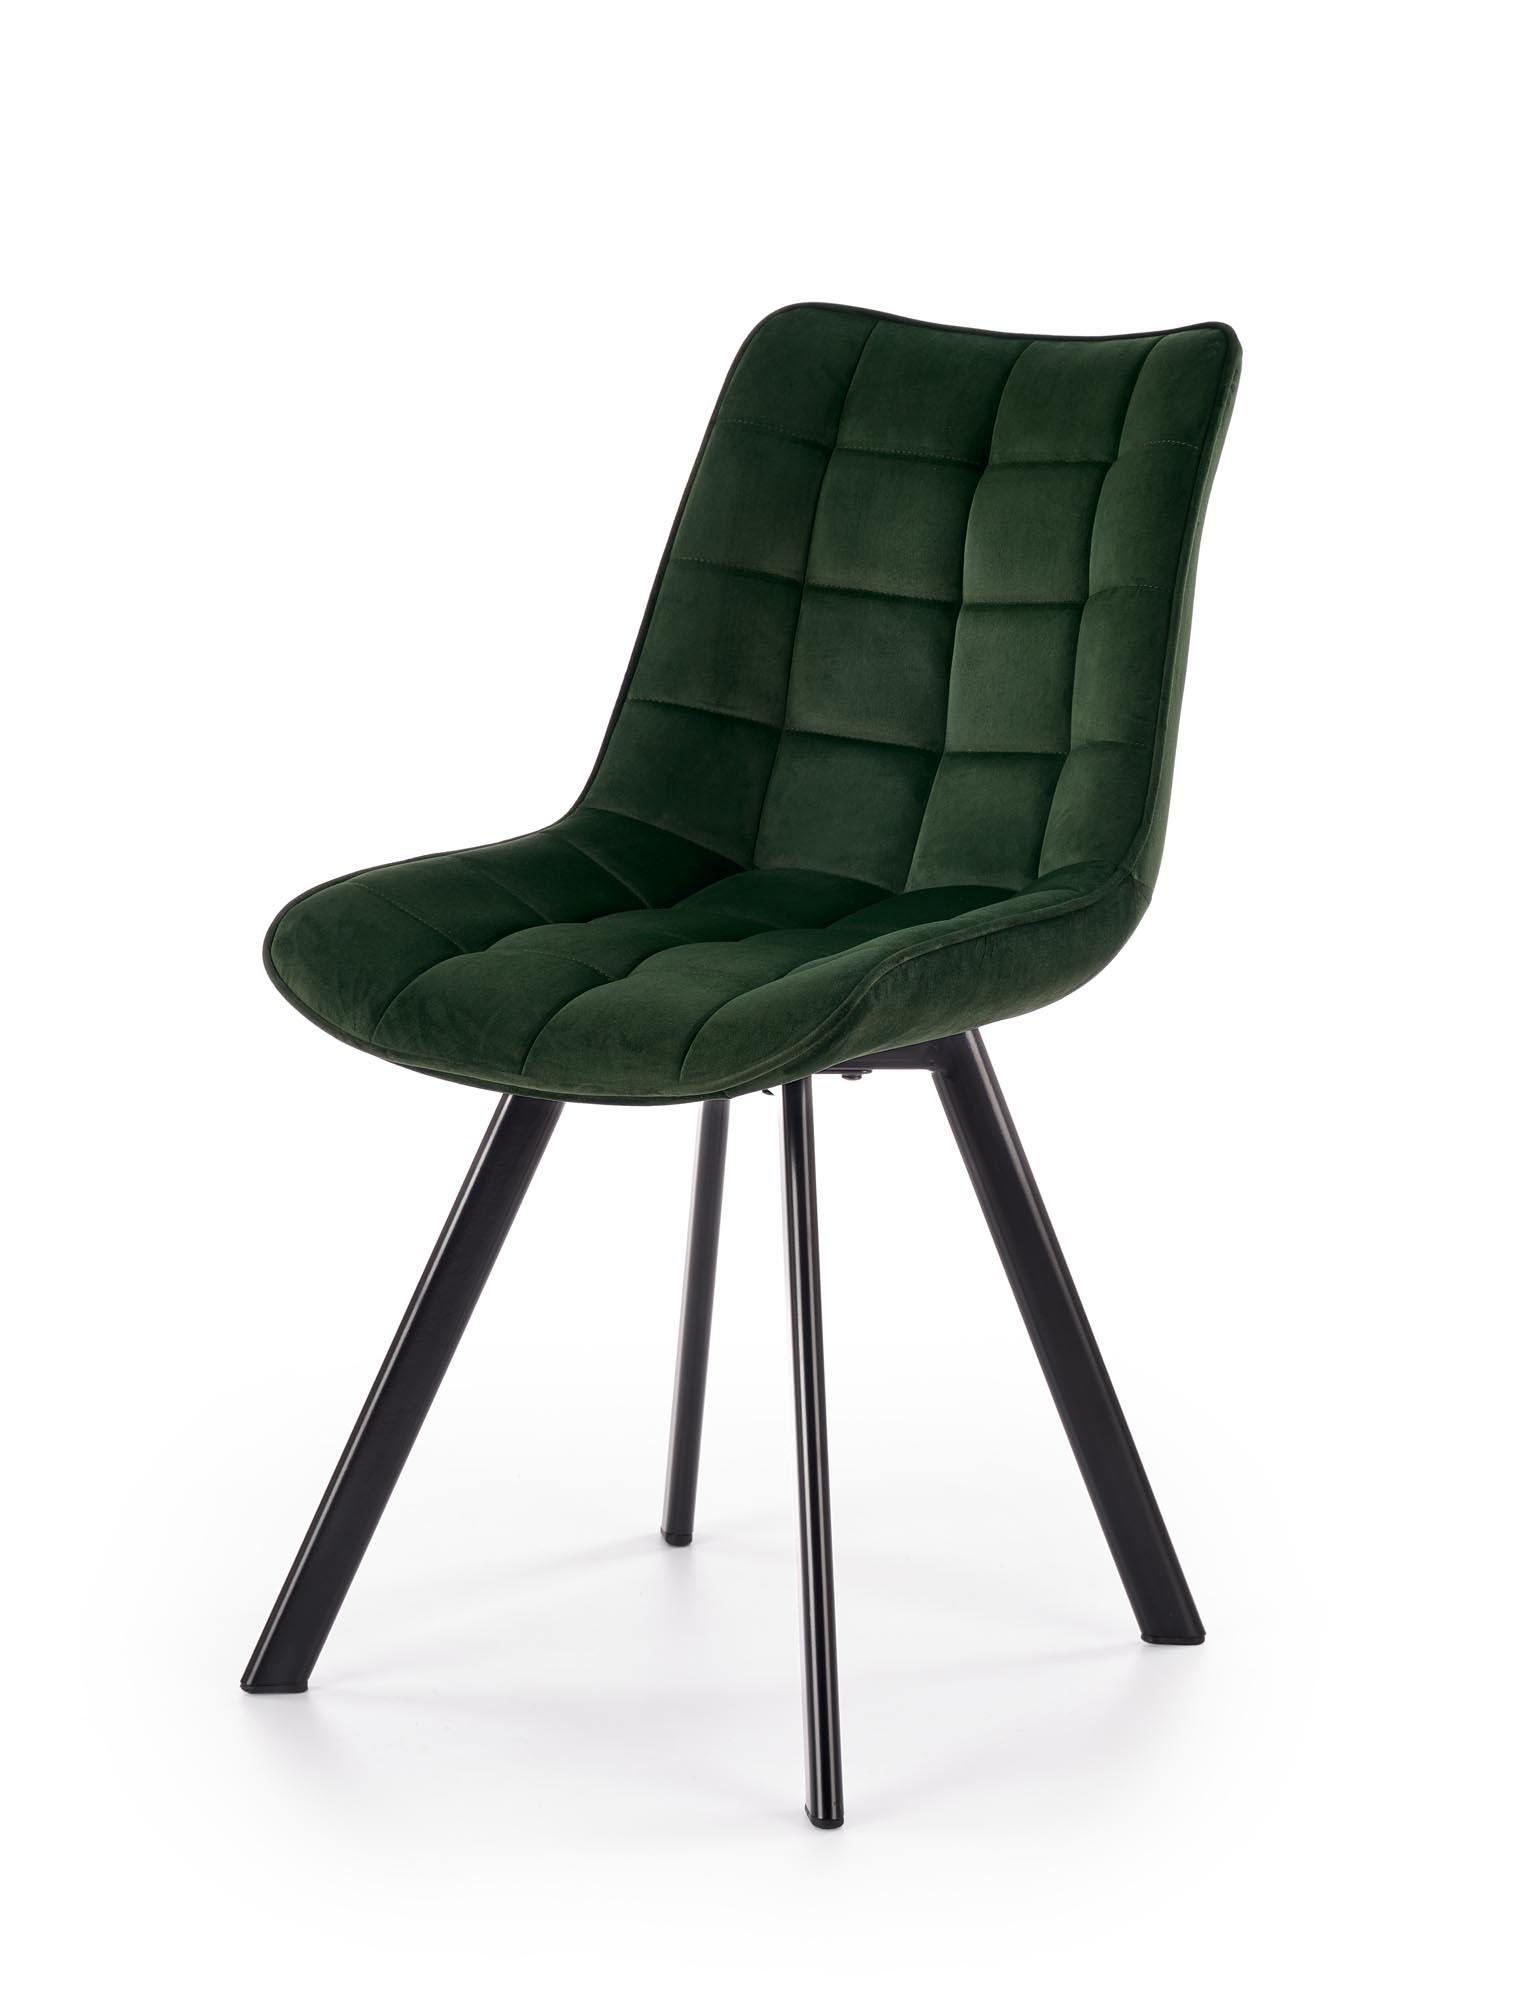 K332 krzesło nogi - czarne, siedzisko - ciemny zielony